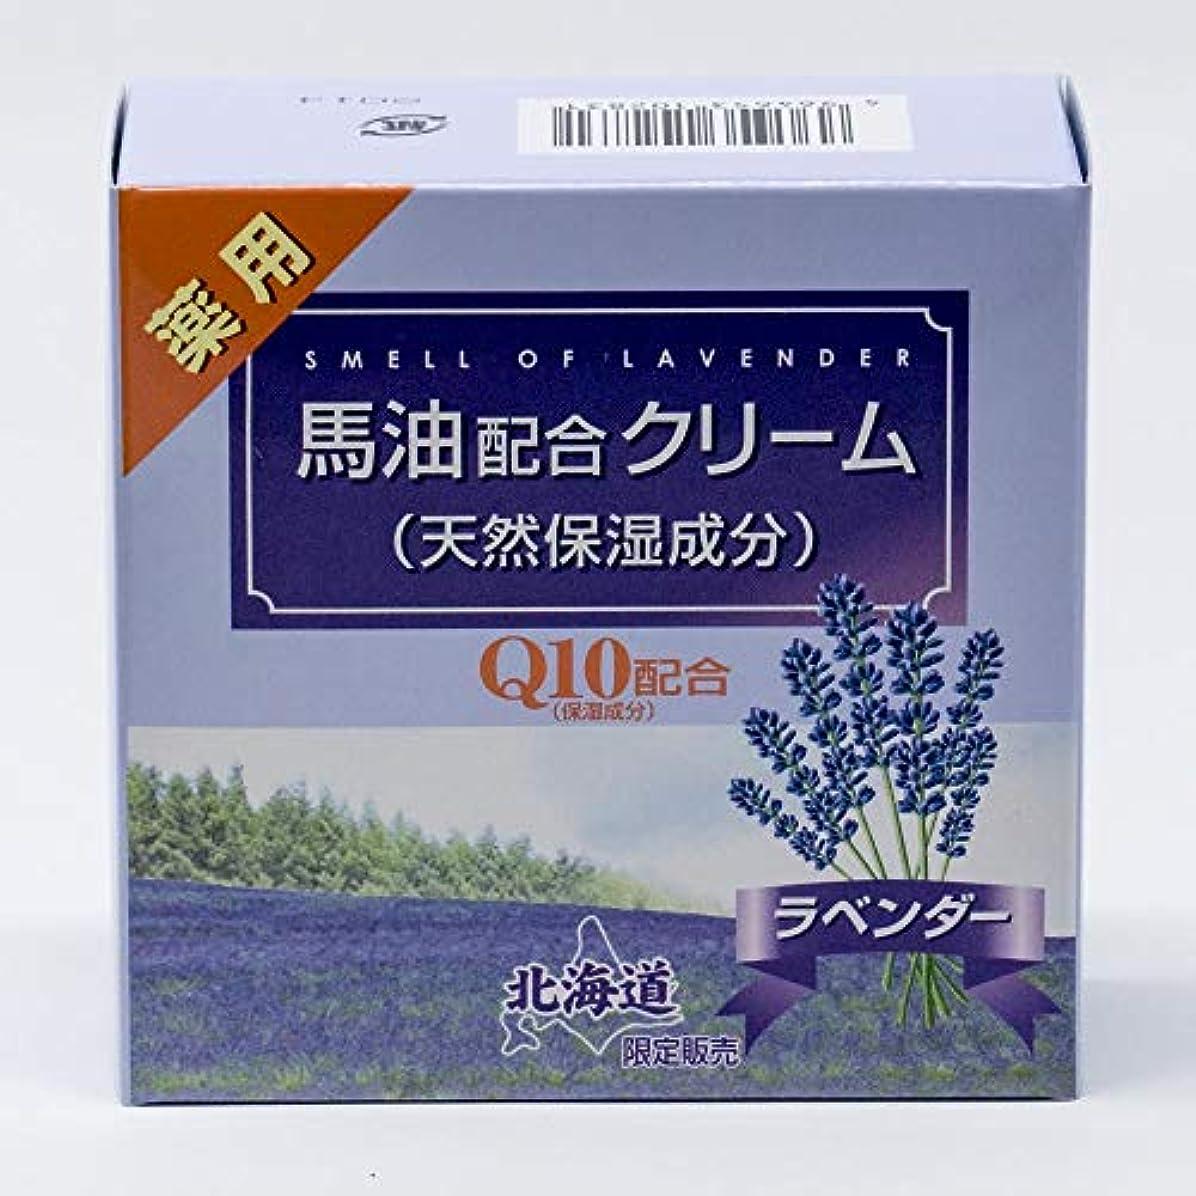 オッズ物思いにふけるシール薬用 馬油配合クリーム ラベンダーの香り 保湿成分Q10配合